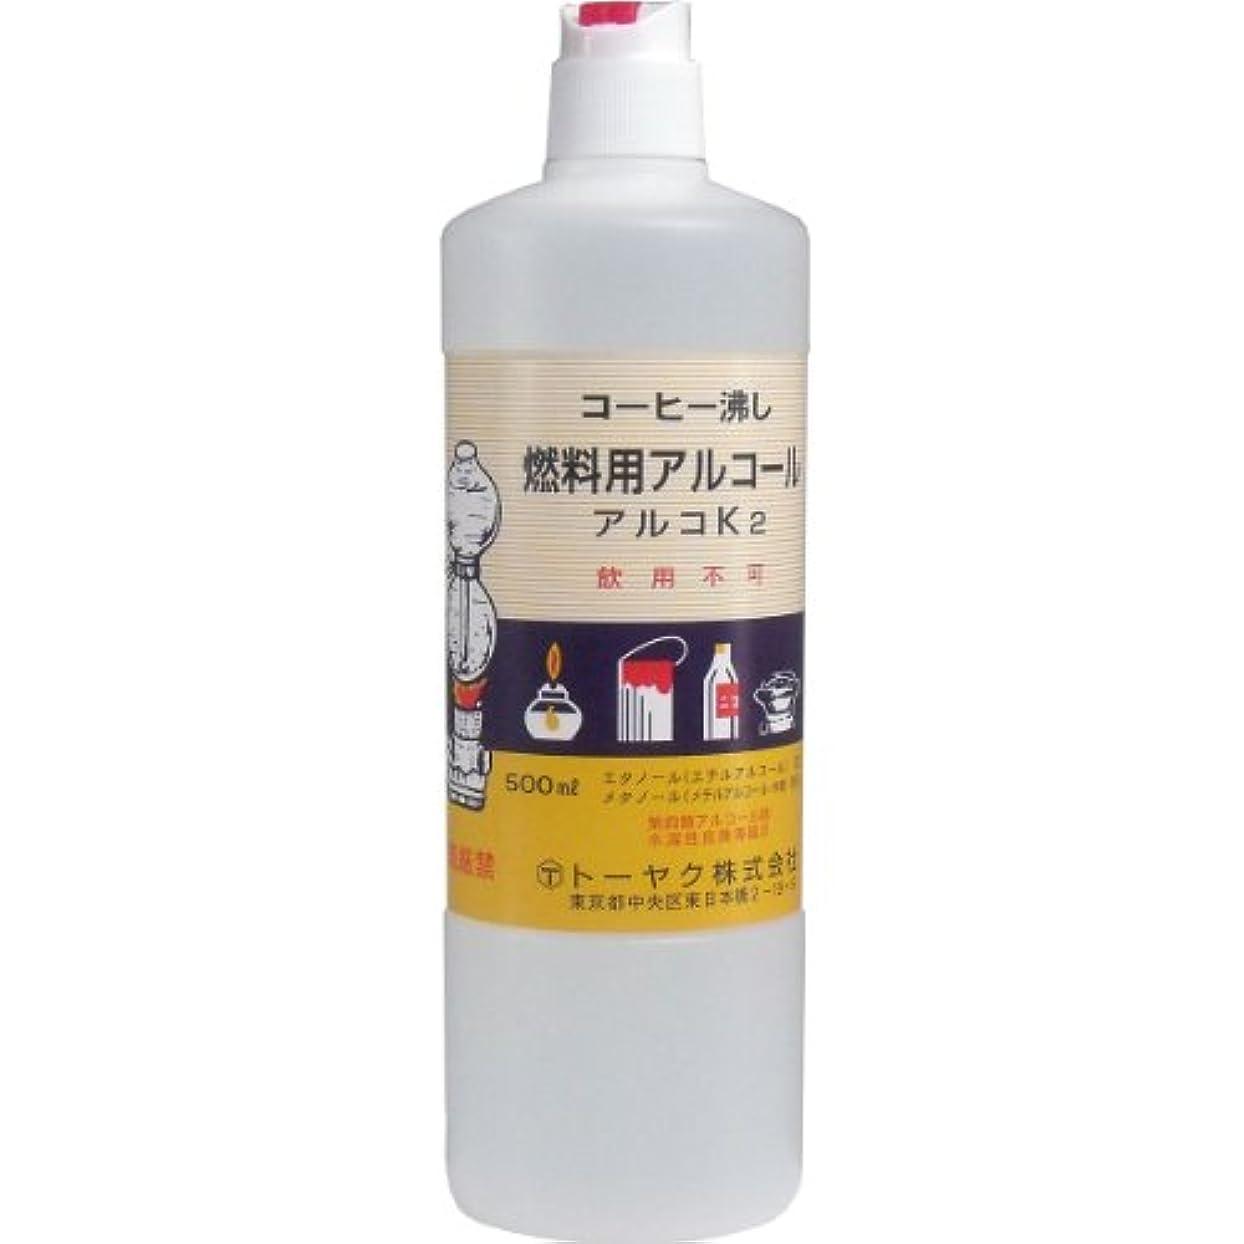 ミッション意識的牛燃料用アルコール アルコK2 ×3個セット